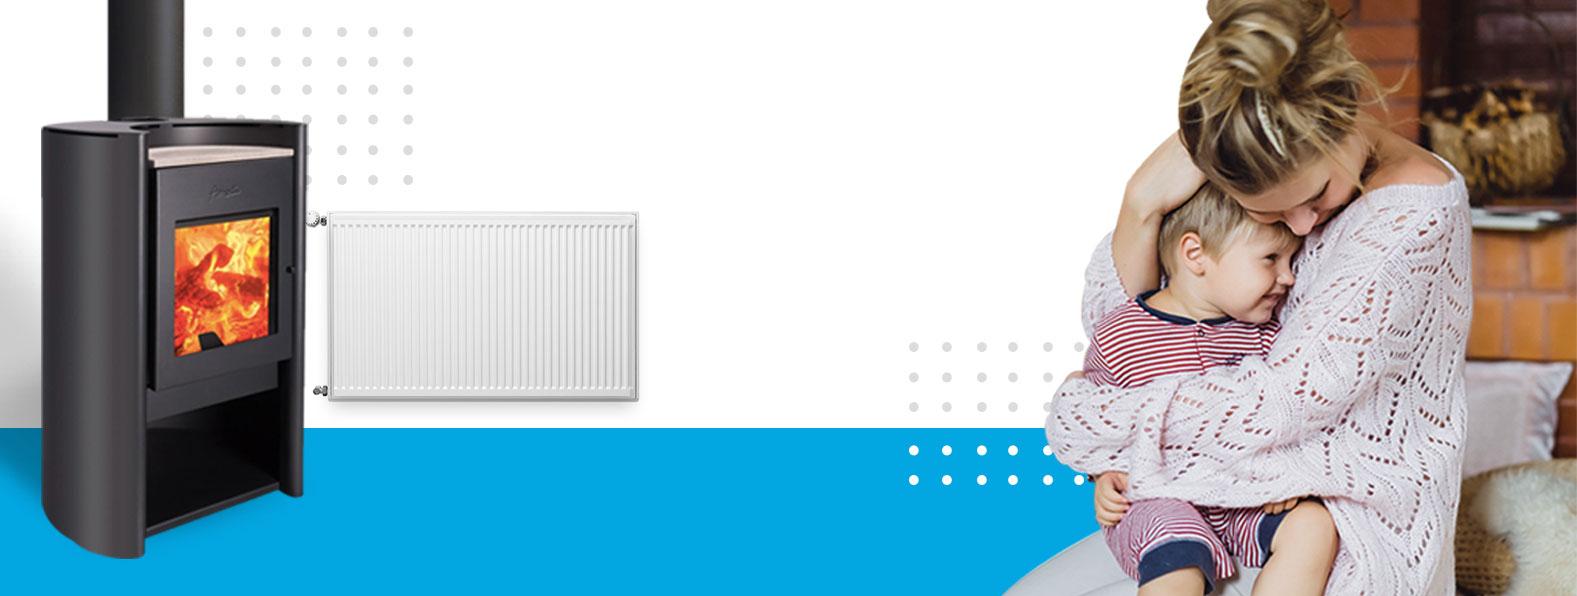 Calefacción central por radiadores - Amesti.cl